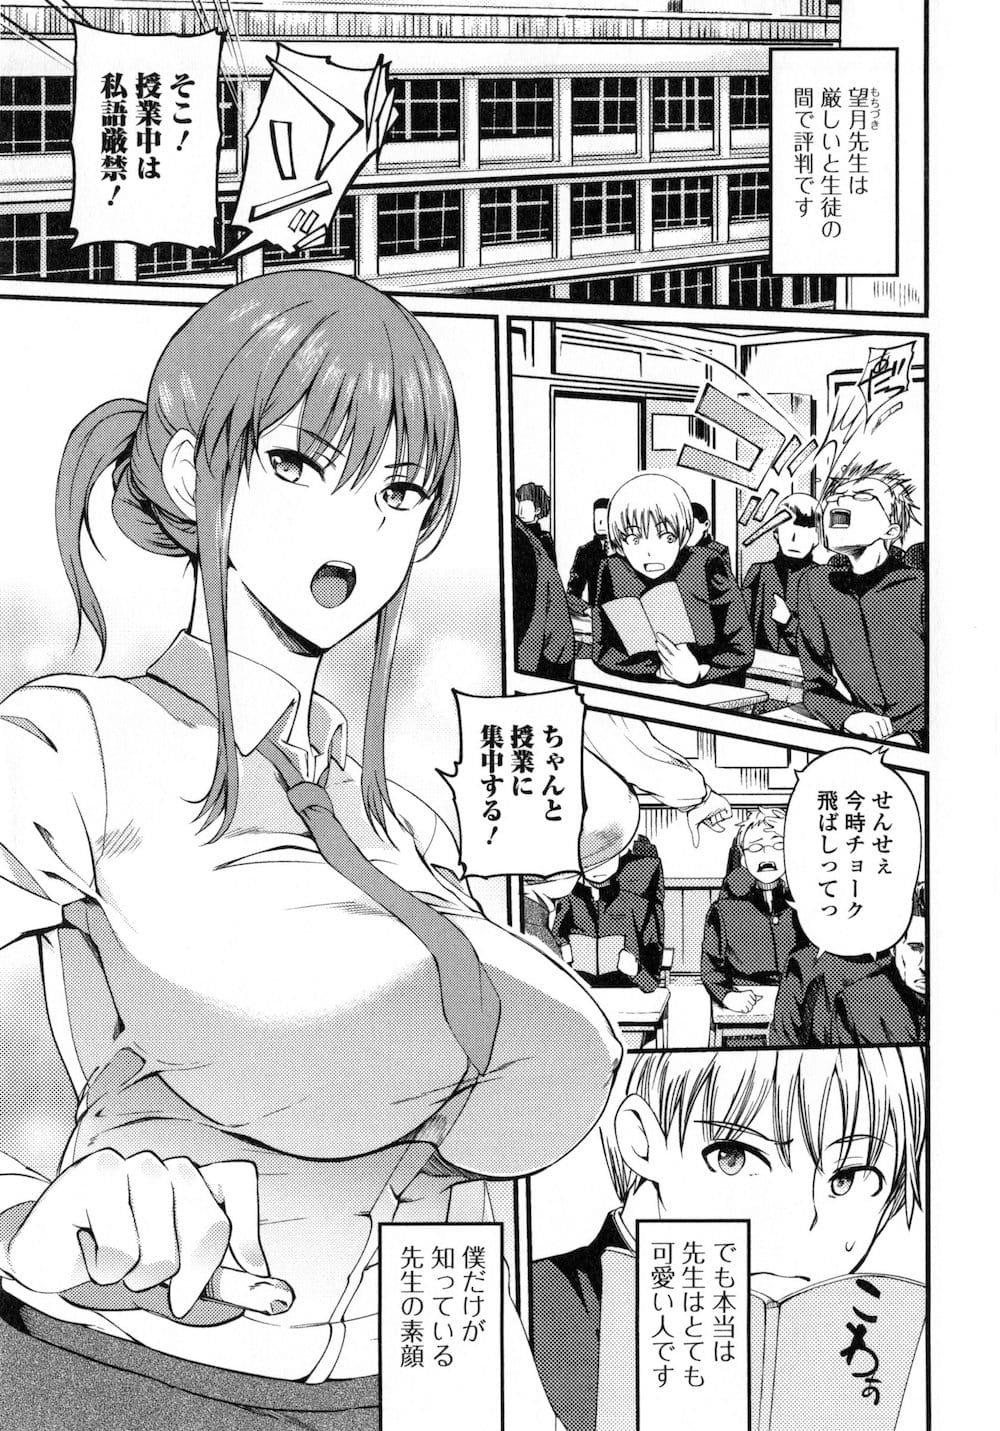 【エロ漫画・同人誌】授業中は厳しいことで評判の女教師、でも授業が終わると付き合っている男子生徒を呼び出して準備室でセックスしちゃう♪ 006